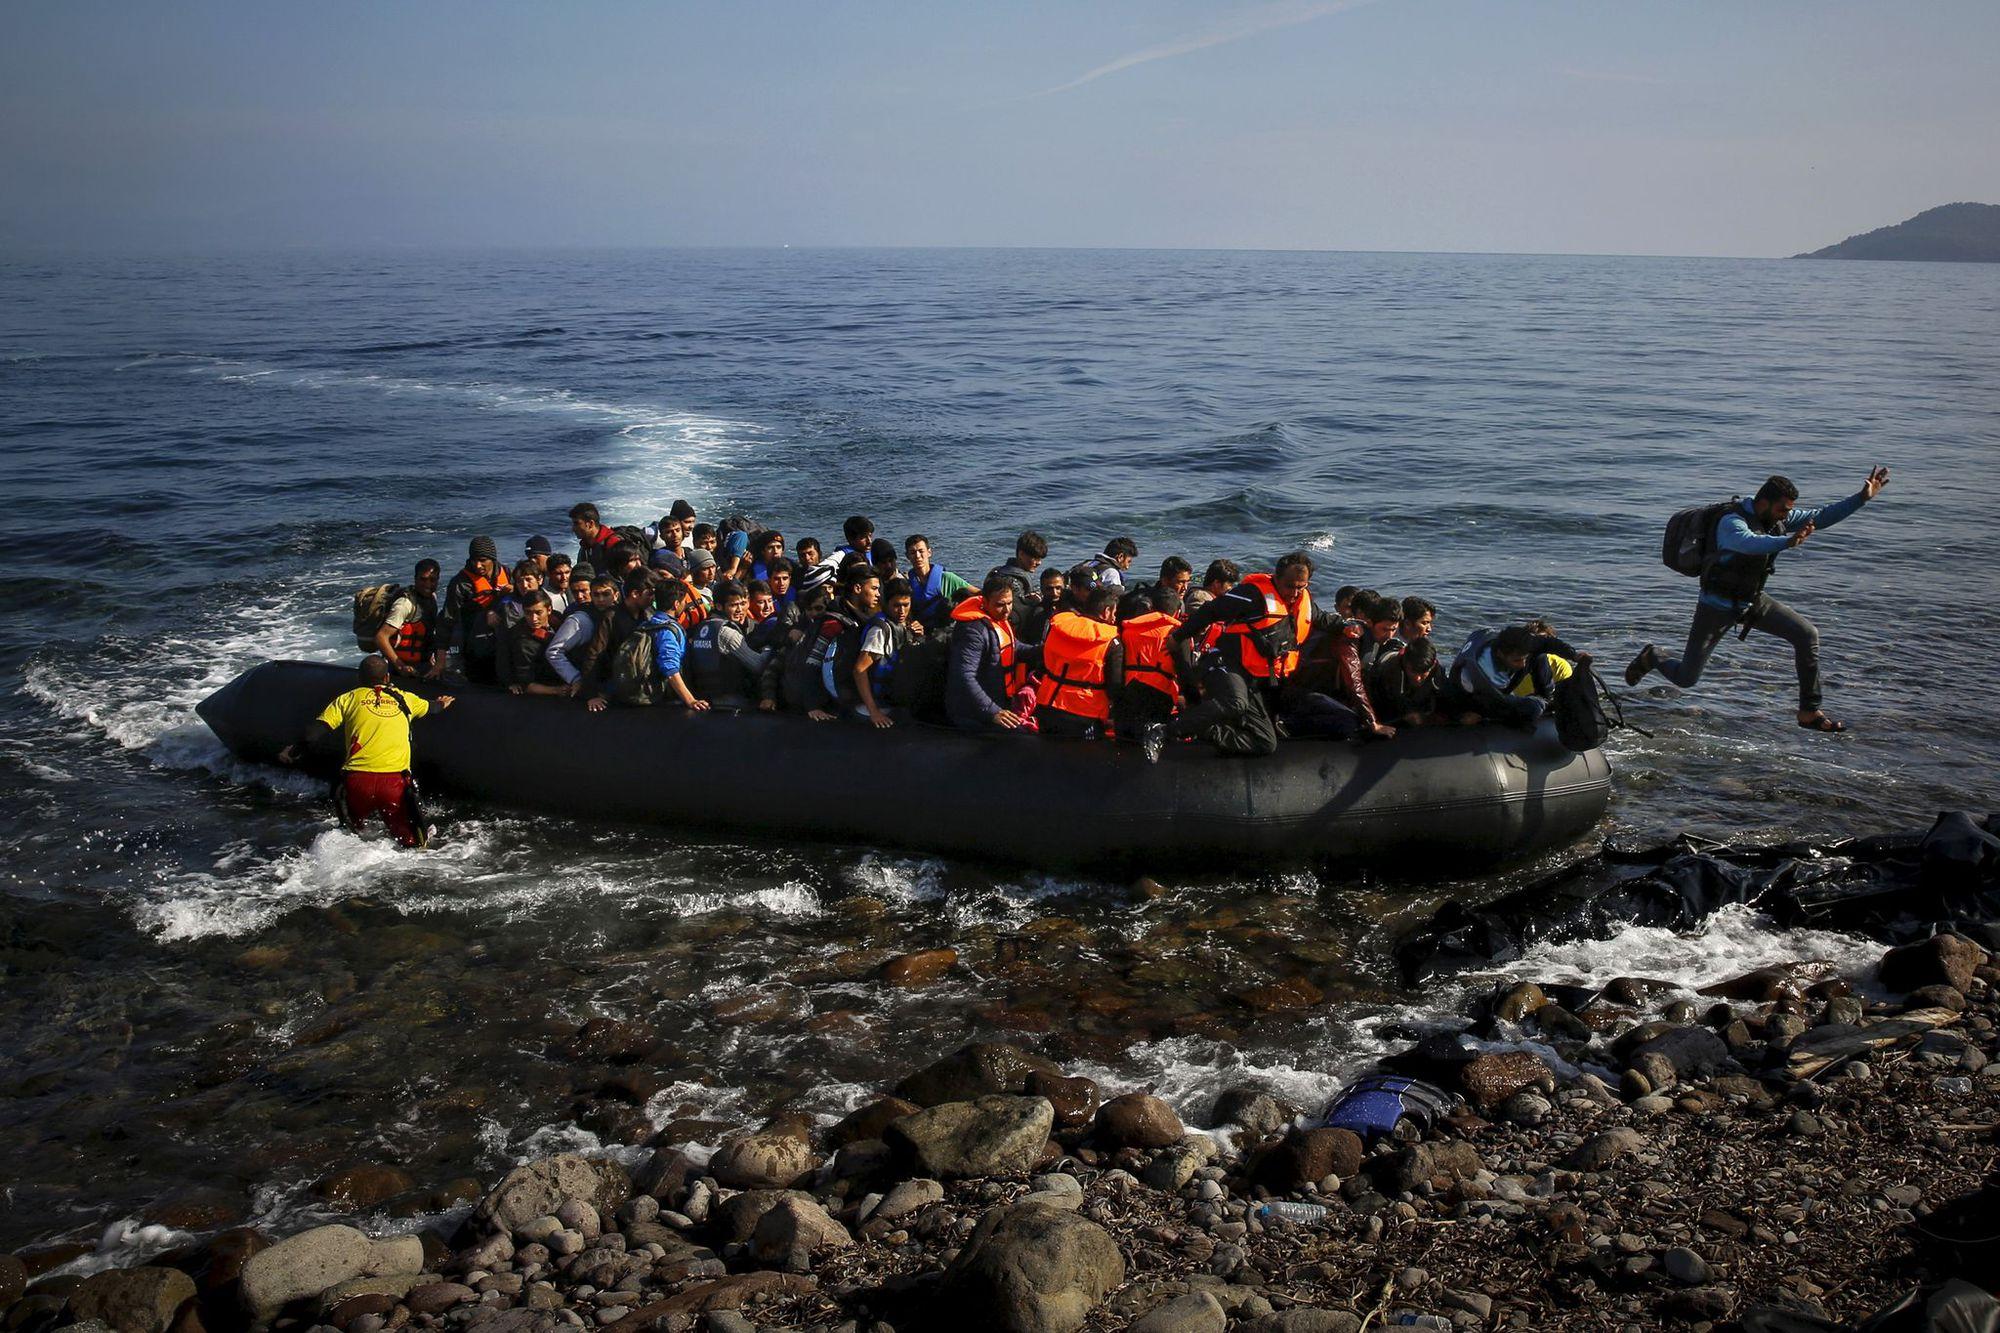 miggrants